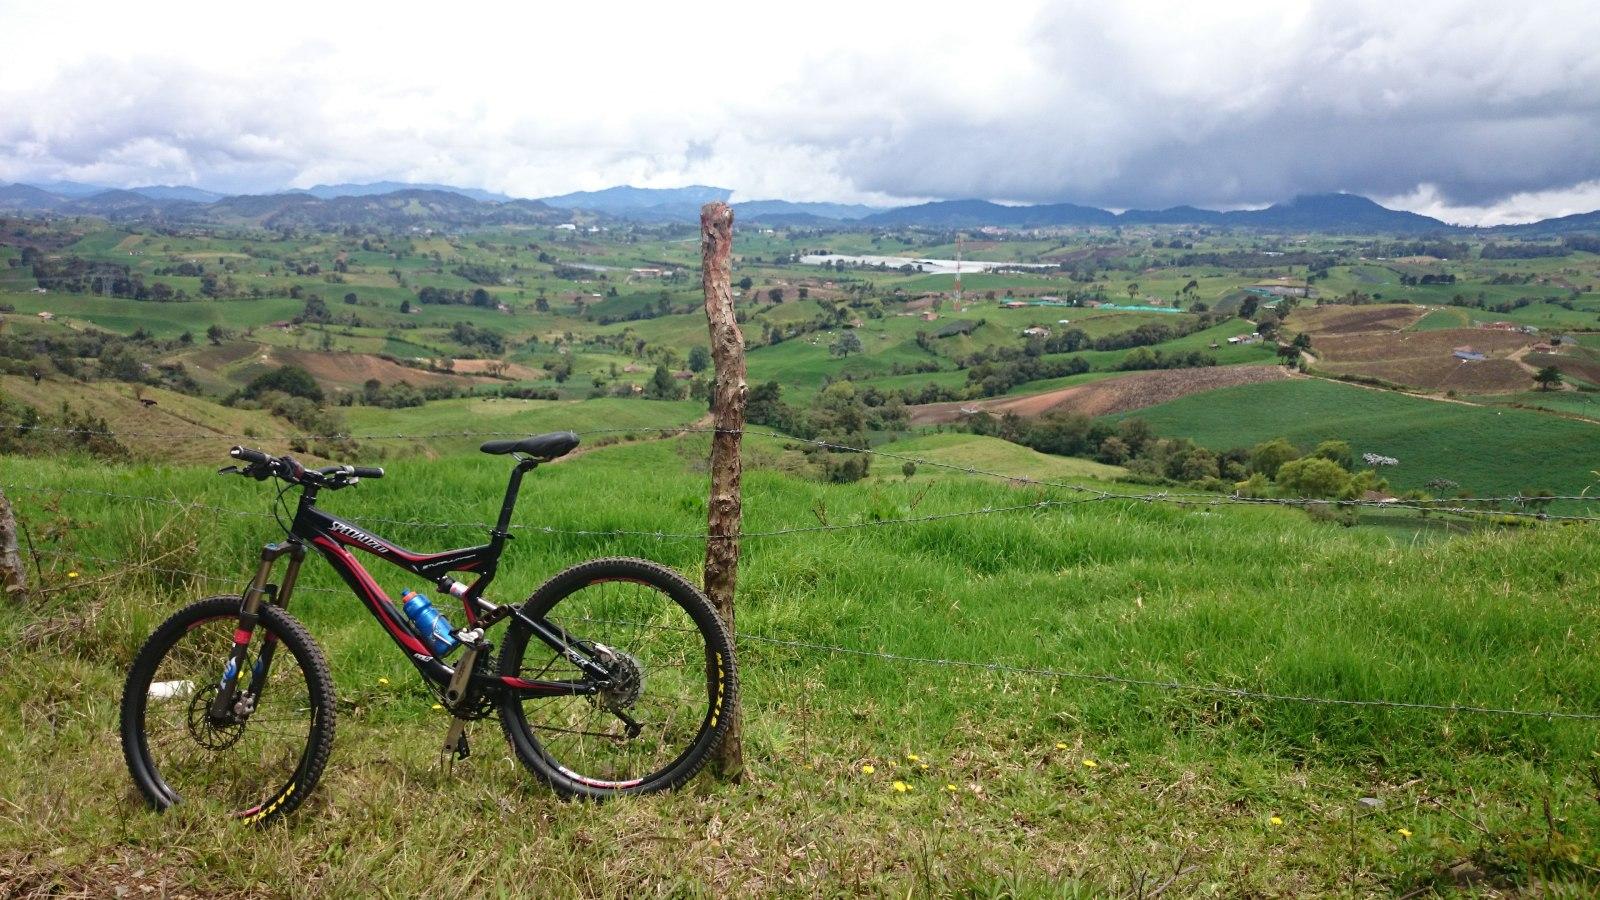 ¿Cómo es tu bicicleta deportiva y cómo la tienes configurada? 22z6zc